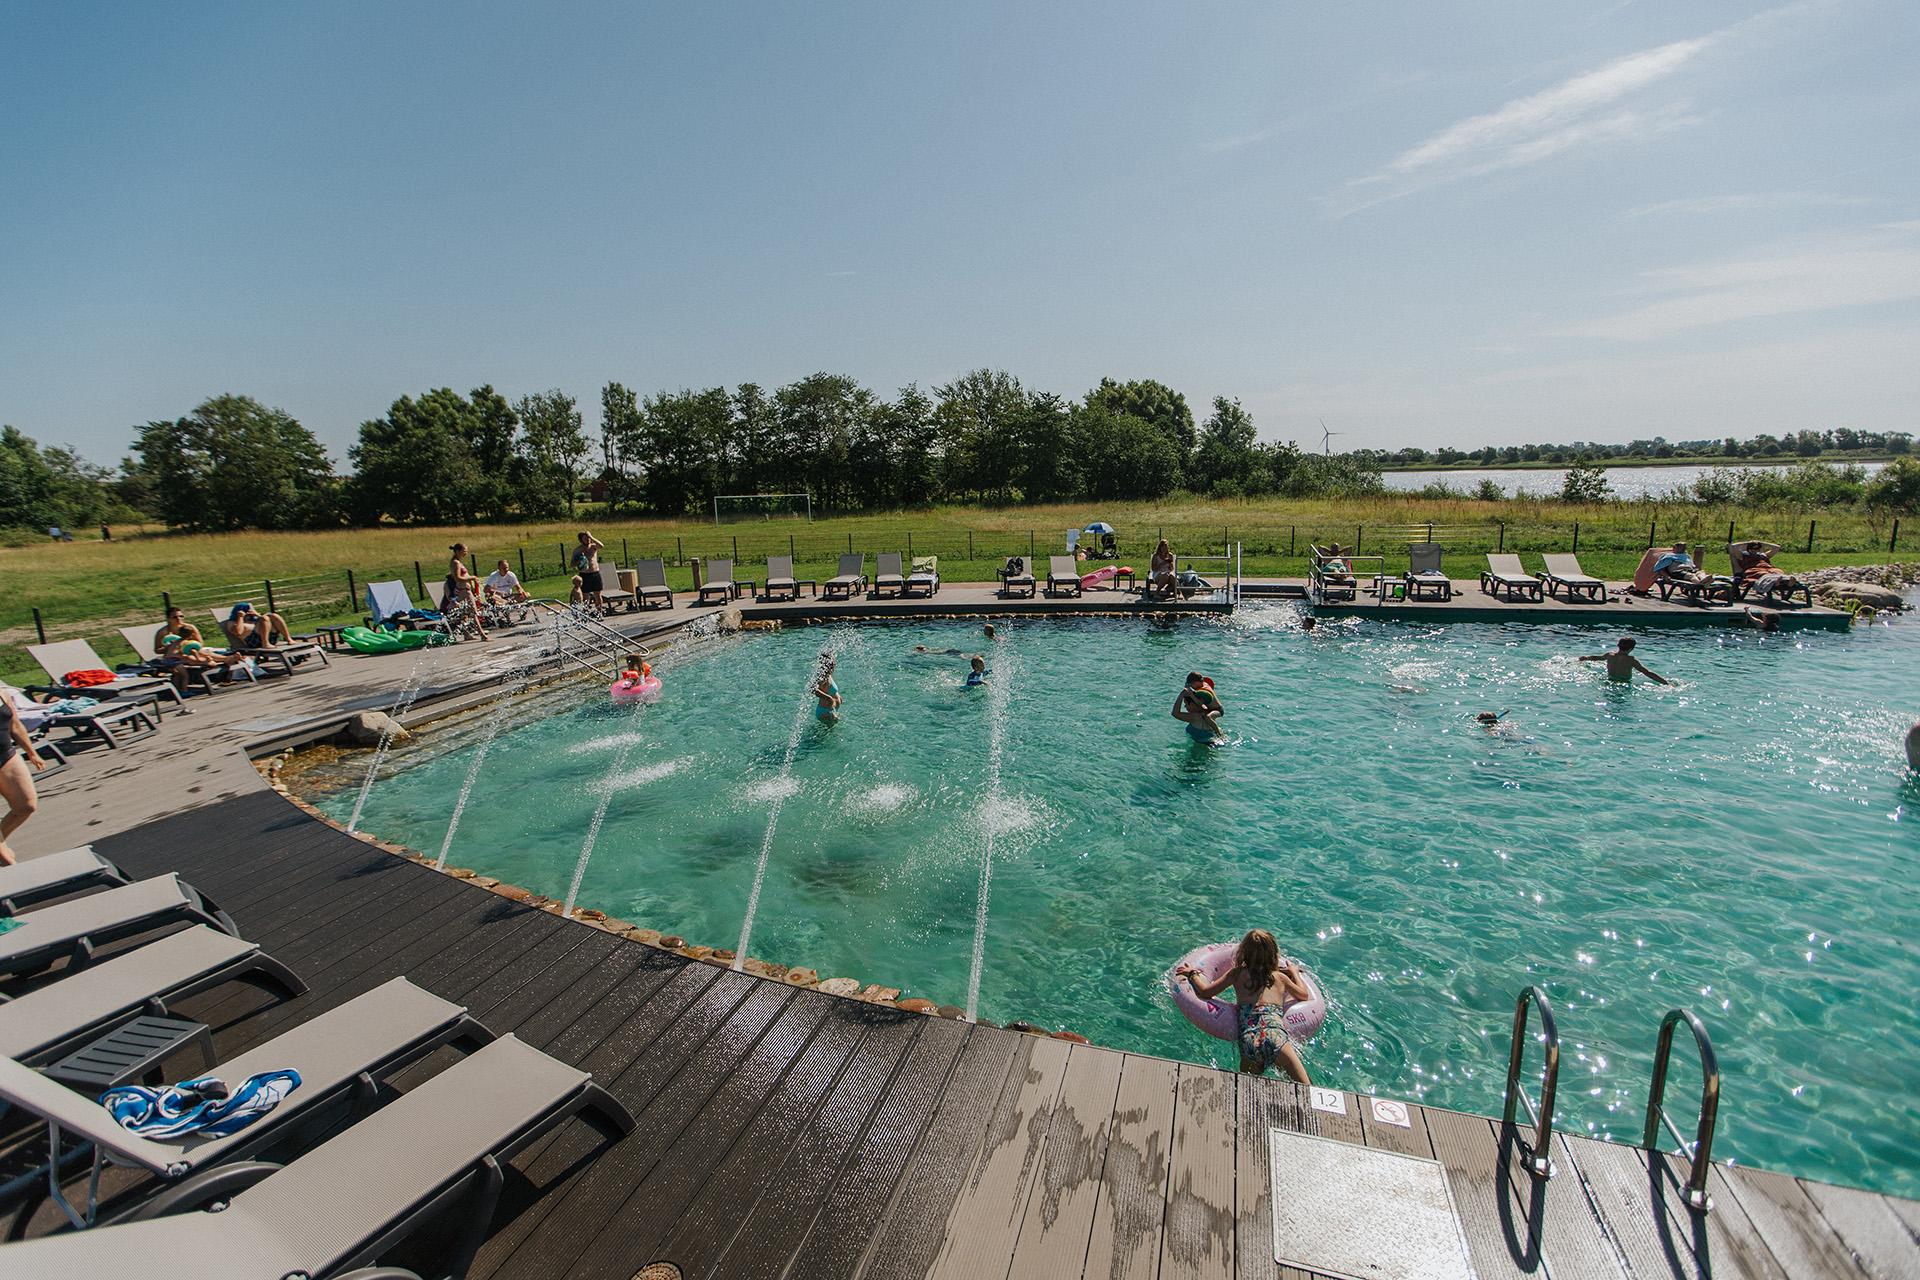 Camping Badeurlaub, Badespaß, Naturteich, Schwimmteich, Schwimmbad